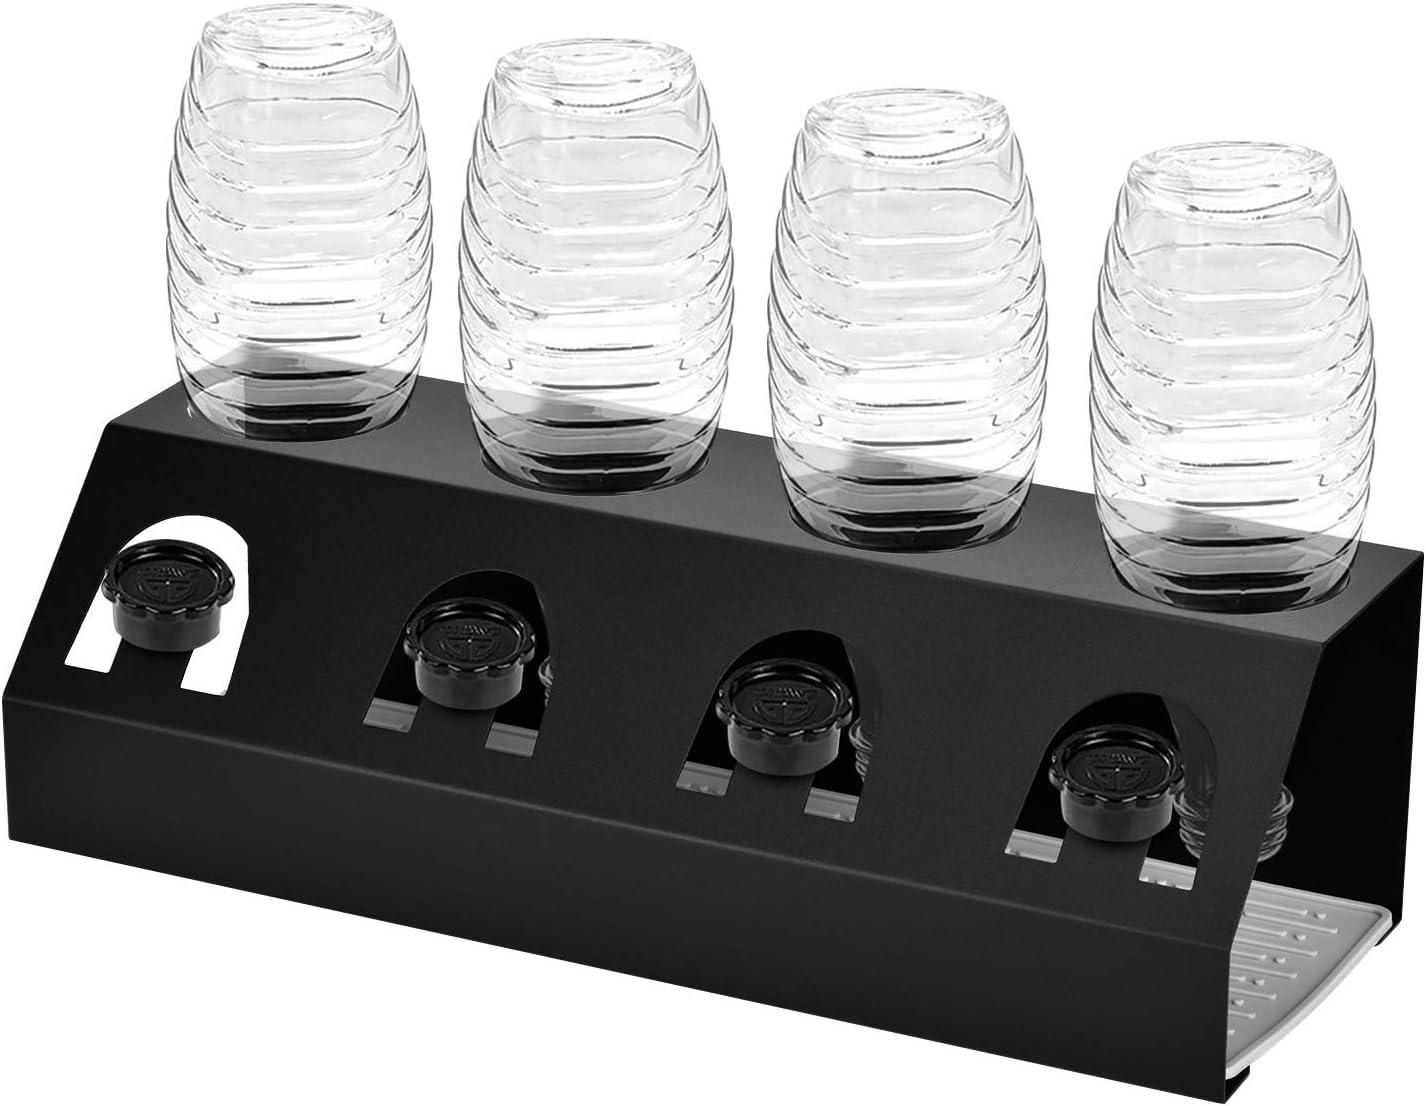 Queta /Égouttoirs /à Bouteille Sodastream Porte-Bouteilles avec Support de Couvercle et Bac d/Égouttoir en Silicone pour Bouteille de Soda en Verre et Cristal Passe Au Lave-Vaisselle